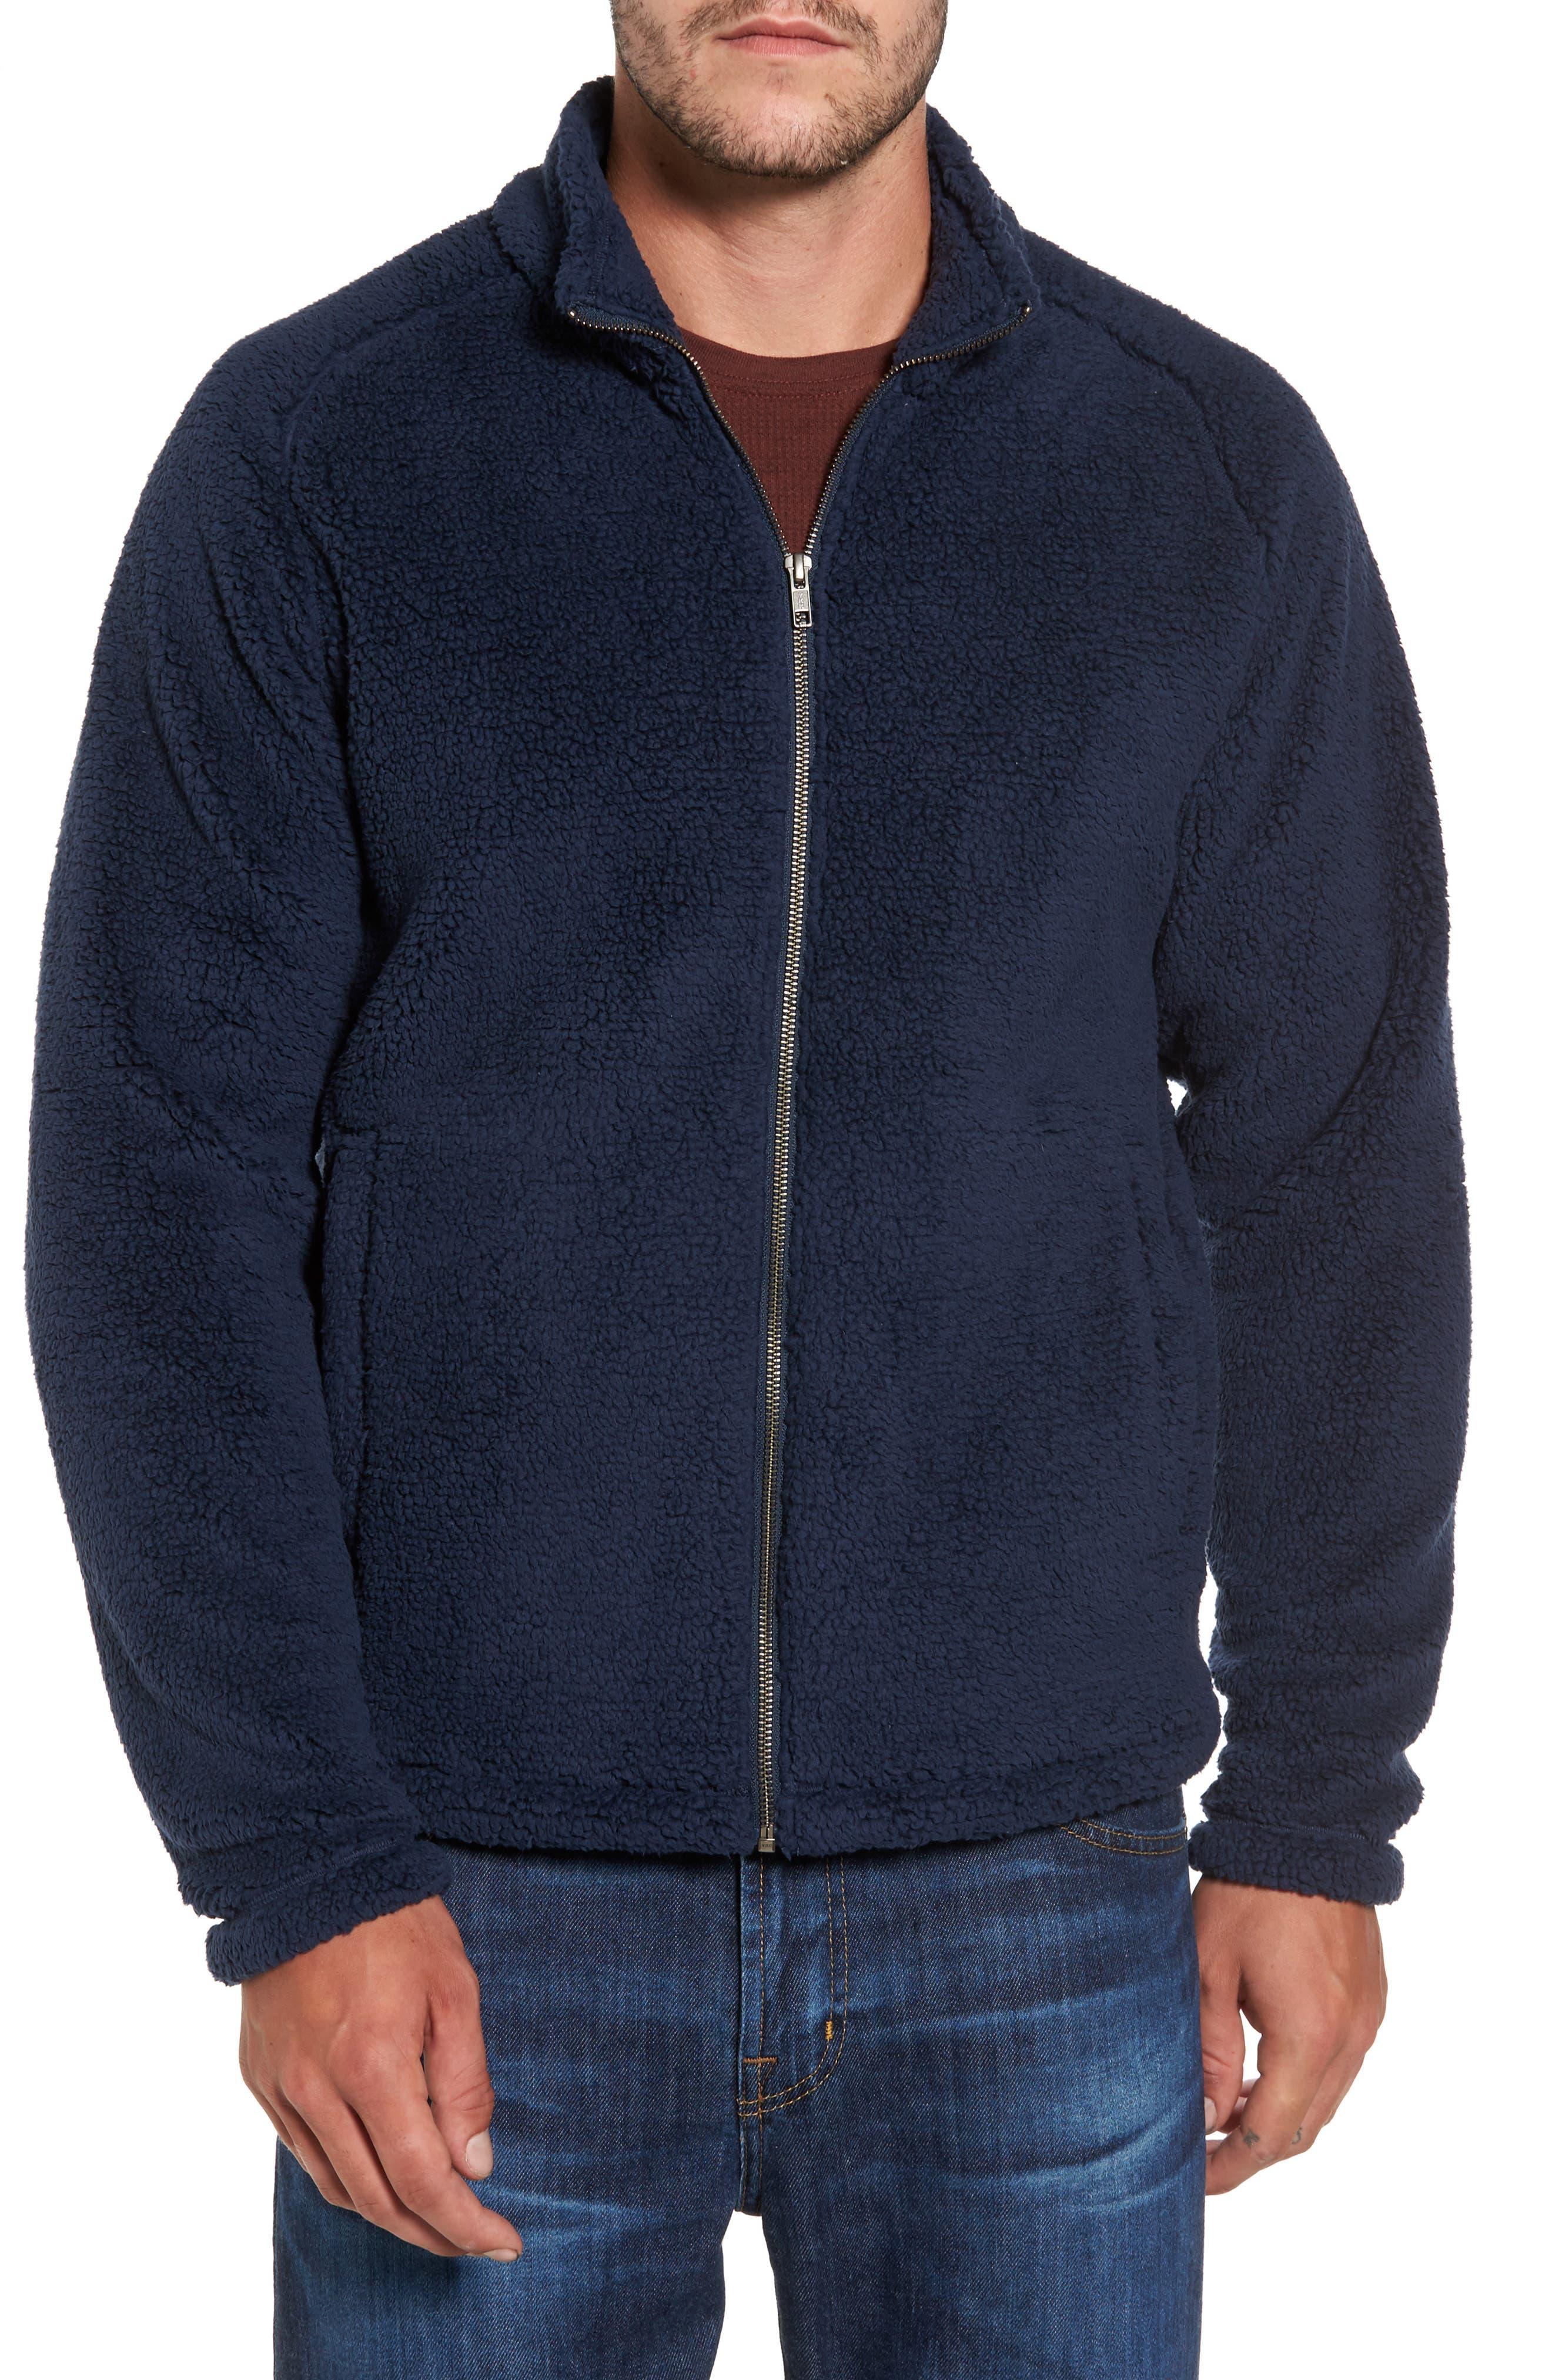 Polar Fleece Jacket,                         Main,                         color, Navy Iris